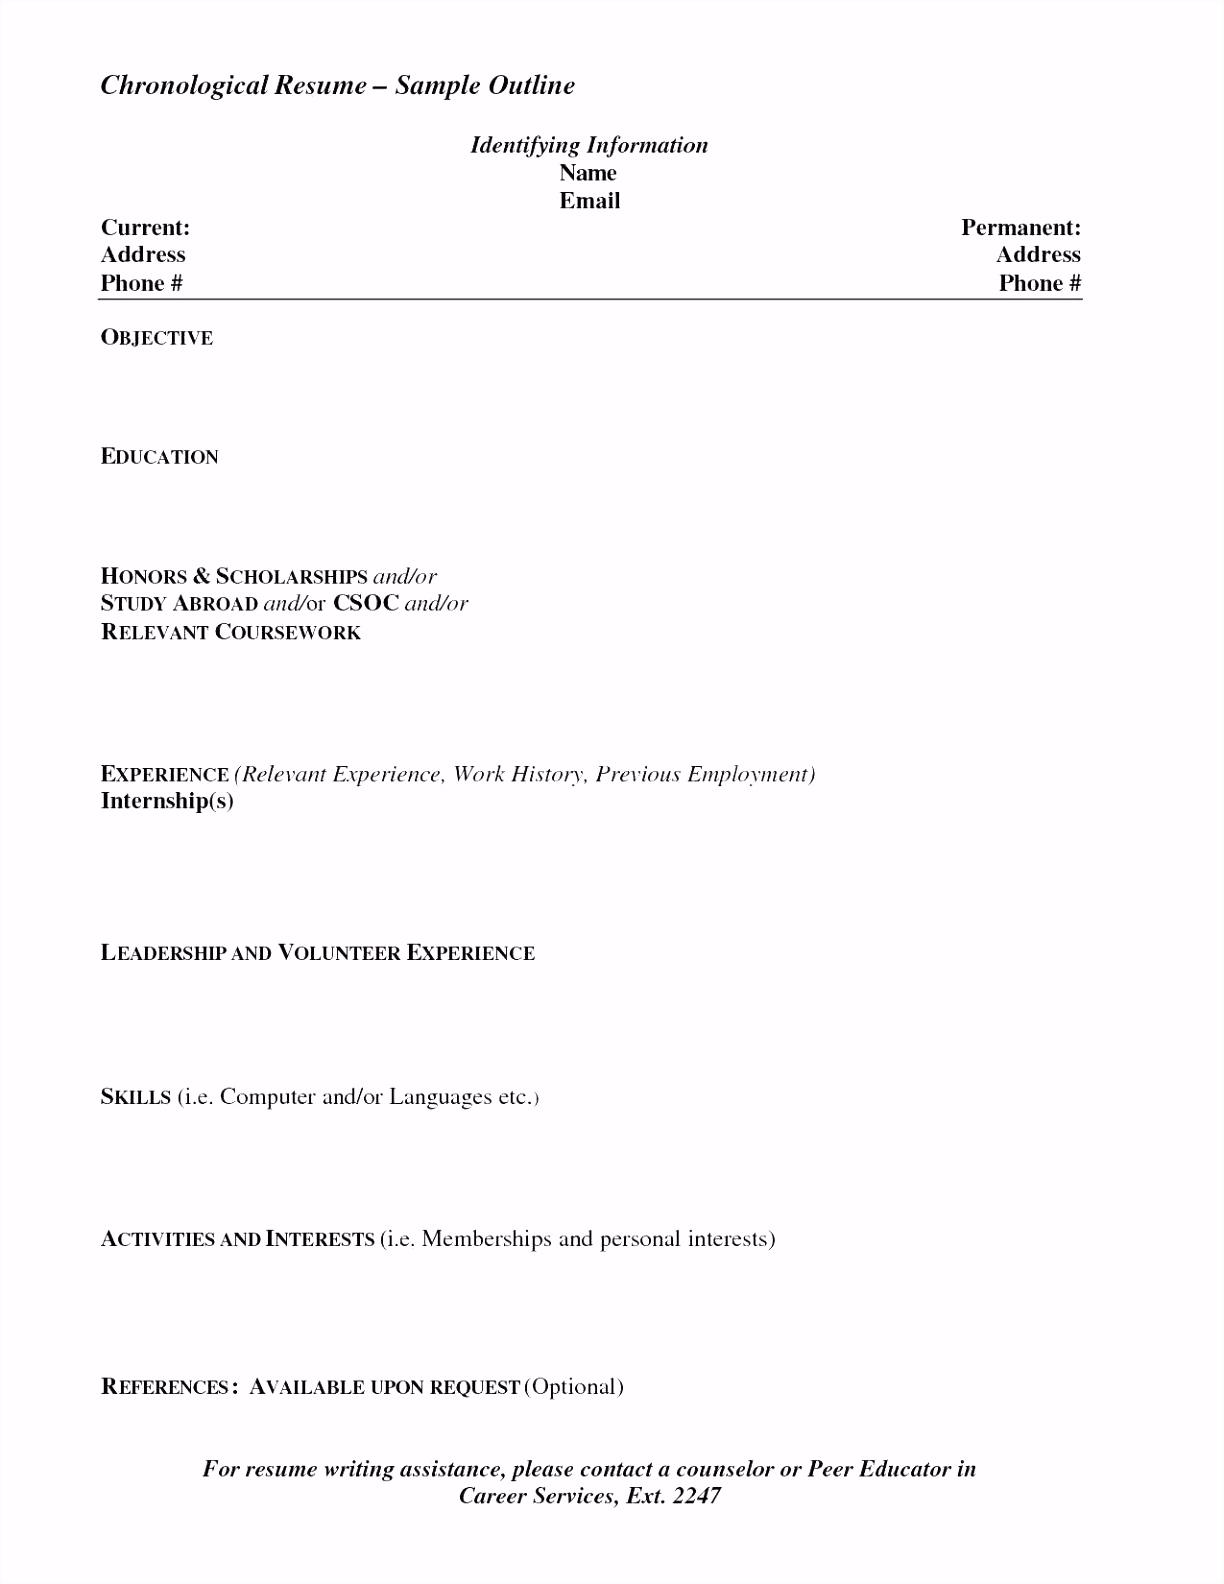 20 Detaillierte ordnerrücken Vorlagen Kostenlos Ausdrucken